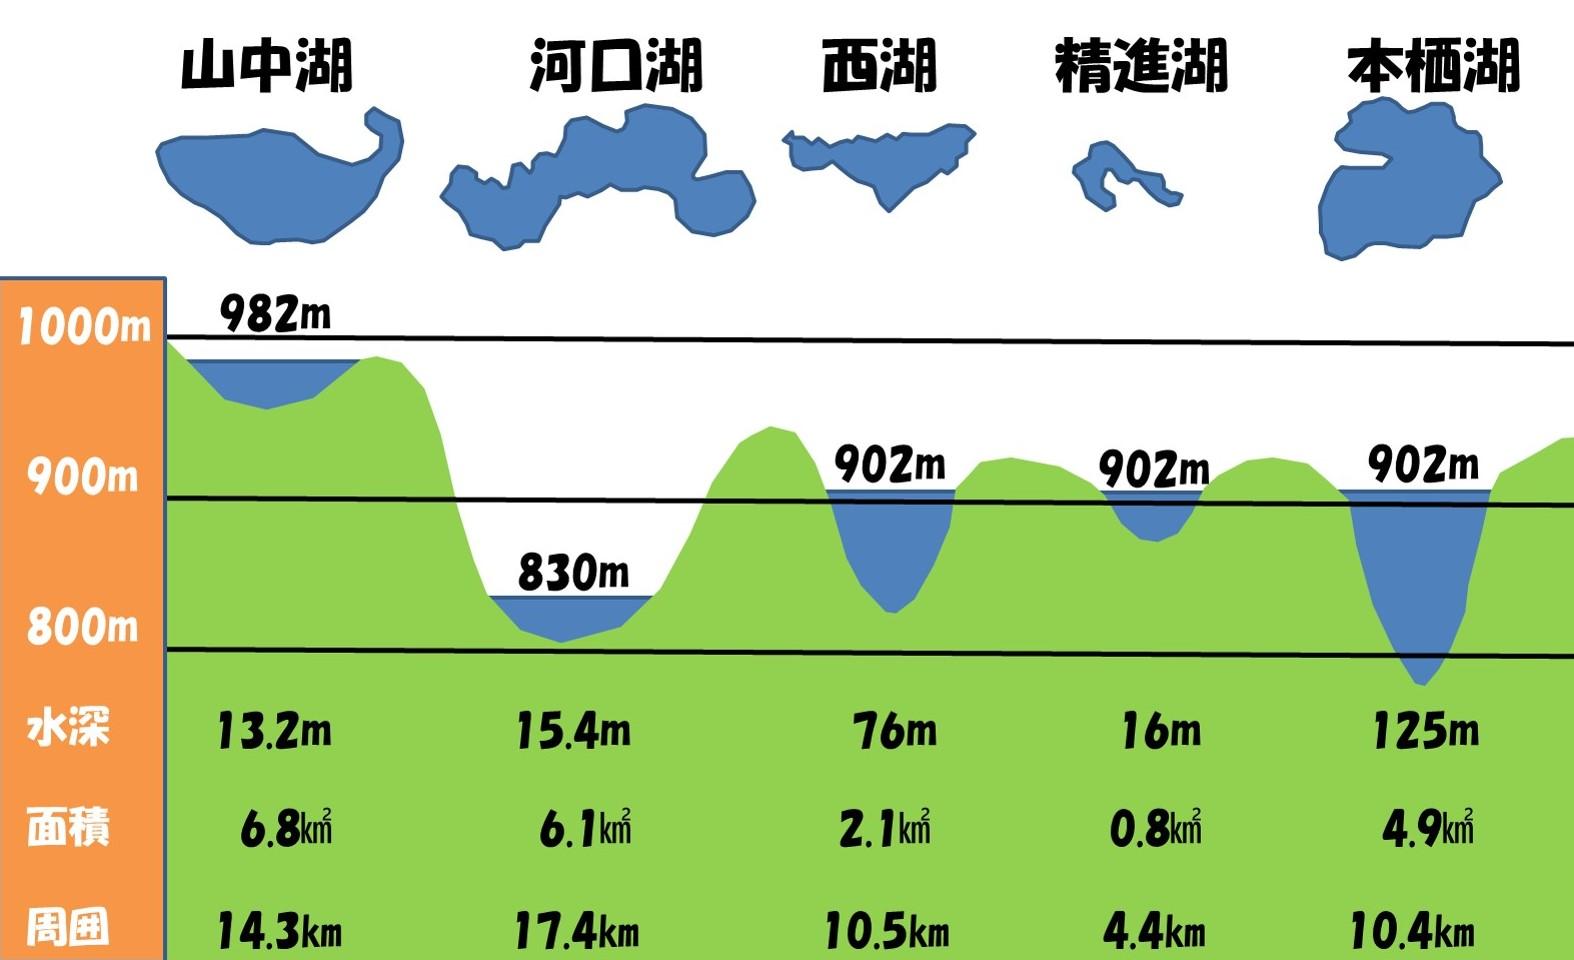 図8 富士五湖のデータ一覧